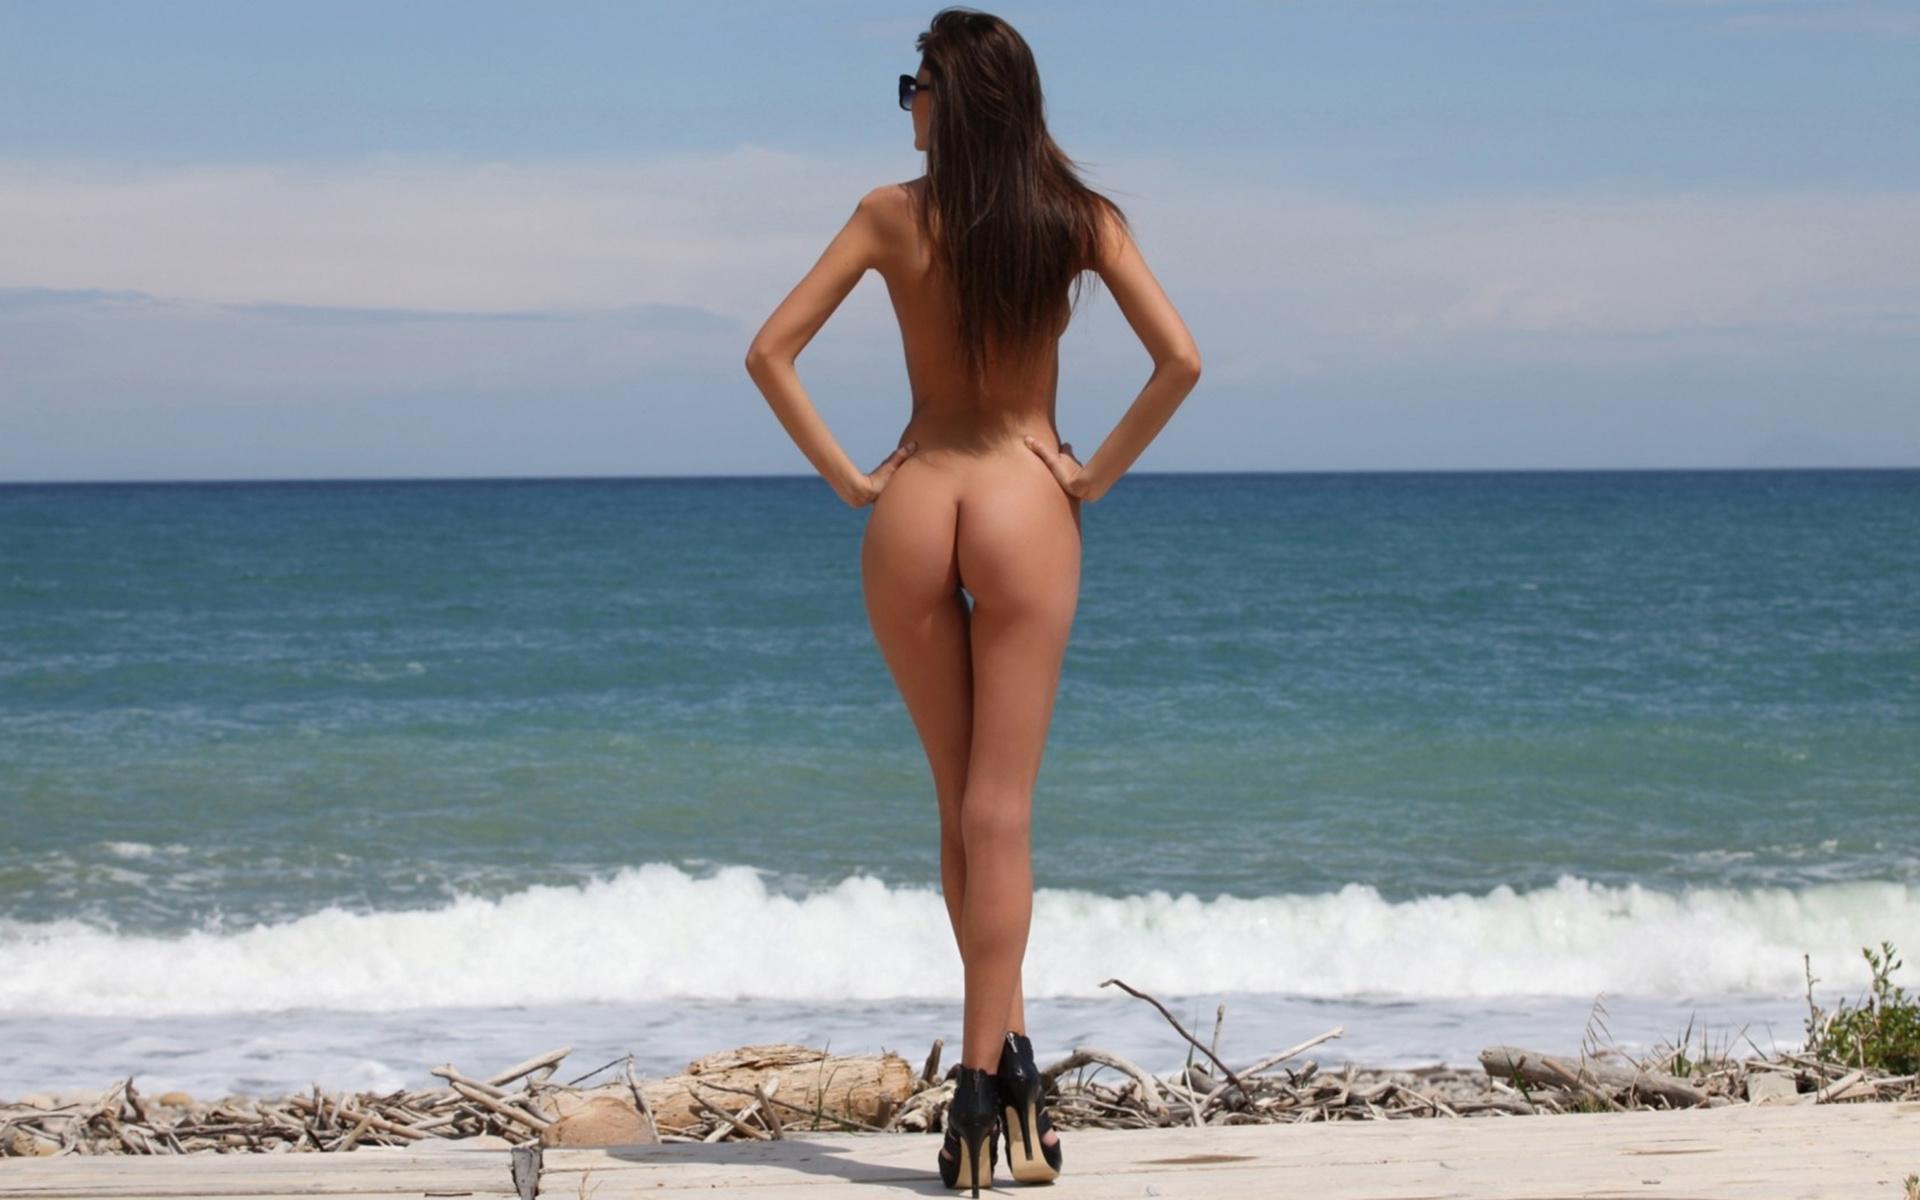 Попки голые на пляже, сняли после дискотеки частное видео